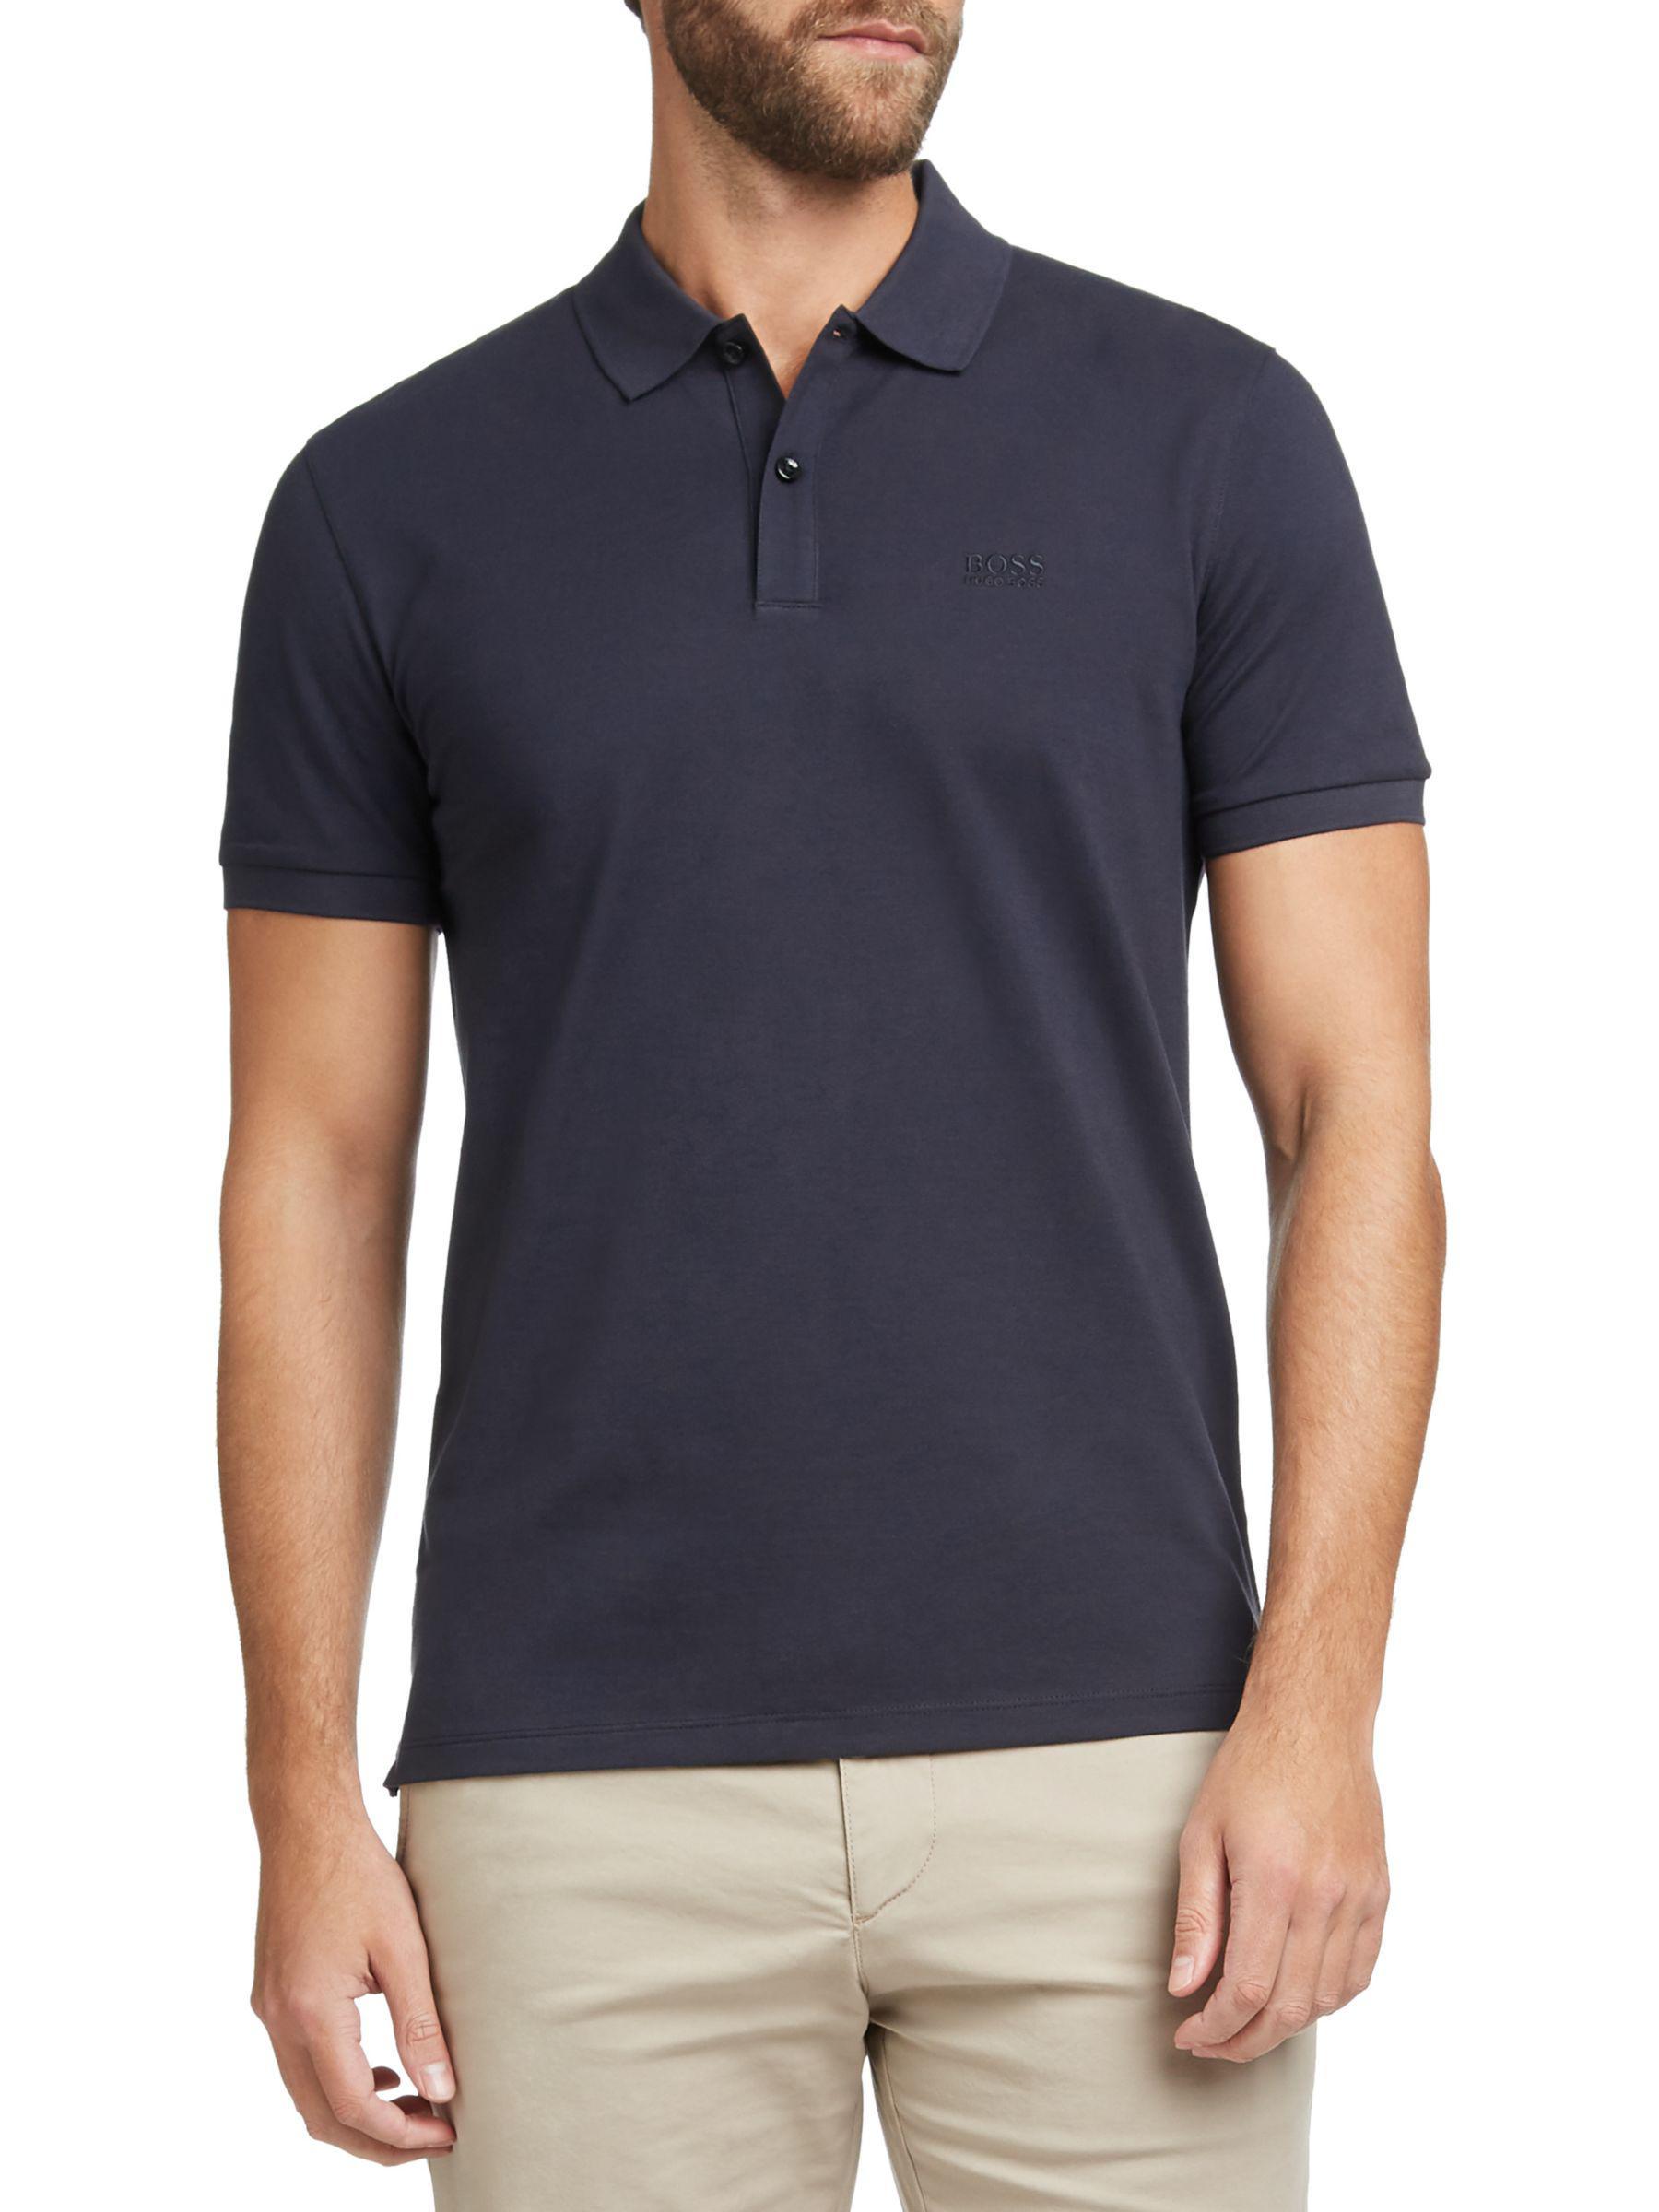 7d02fc5f ... Boss Pallas Regular Fit Polo Shirt for Men - Lyst. View fullscreen